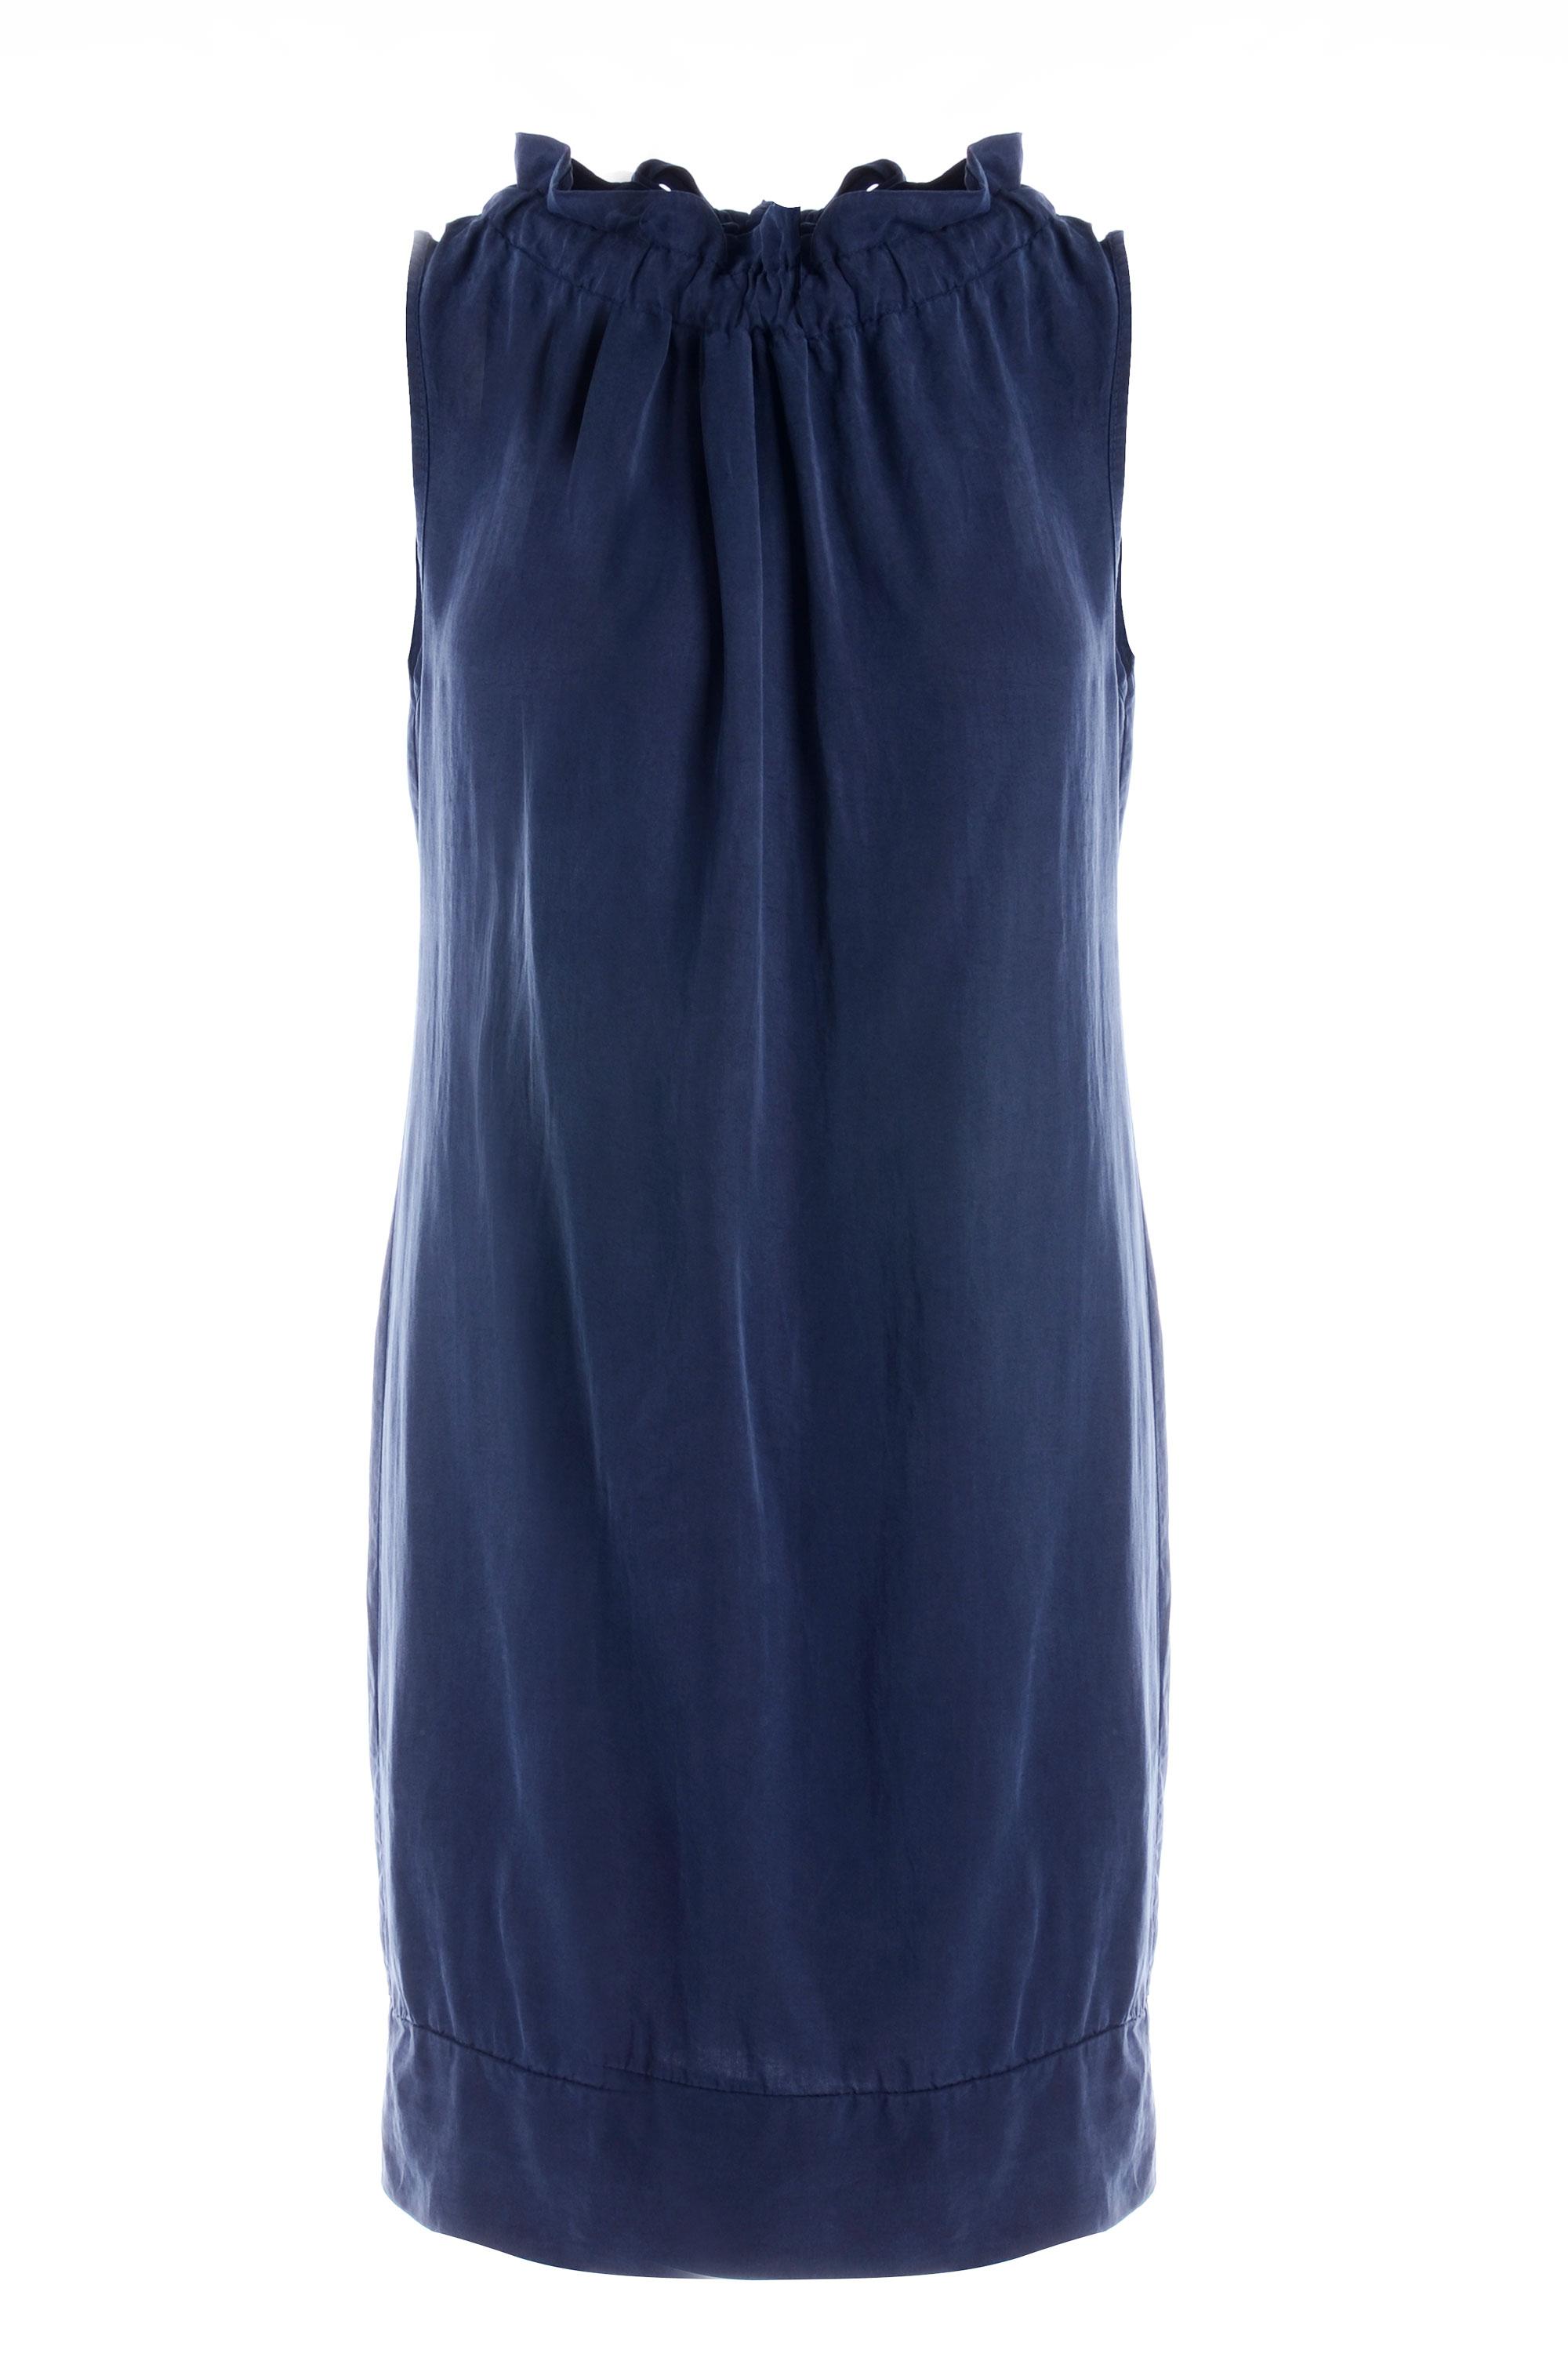 Sukienka - 138-4006 BLSC - Unisono